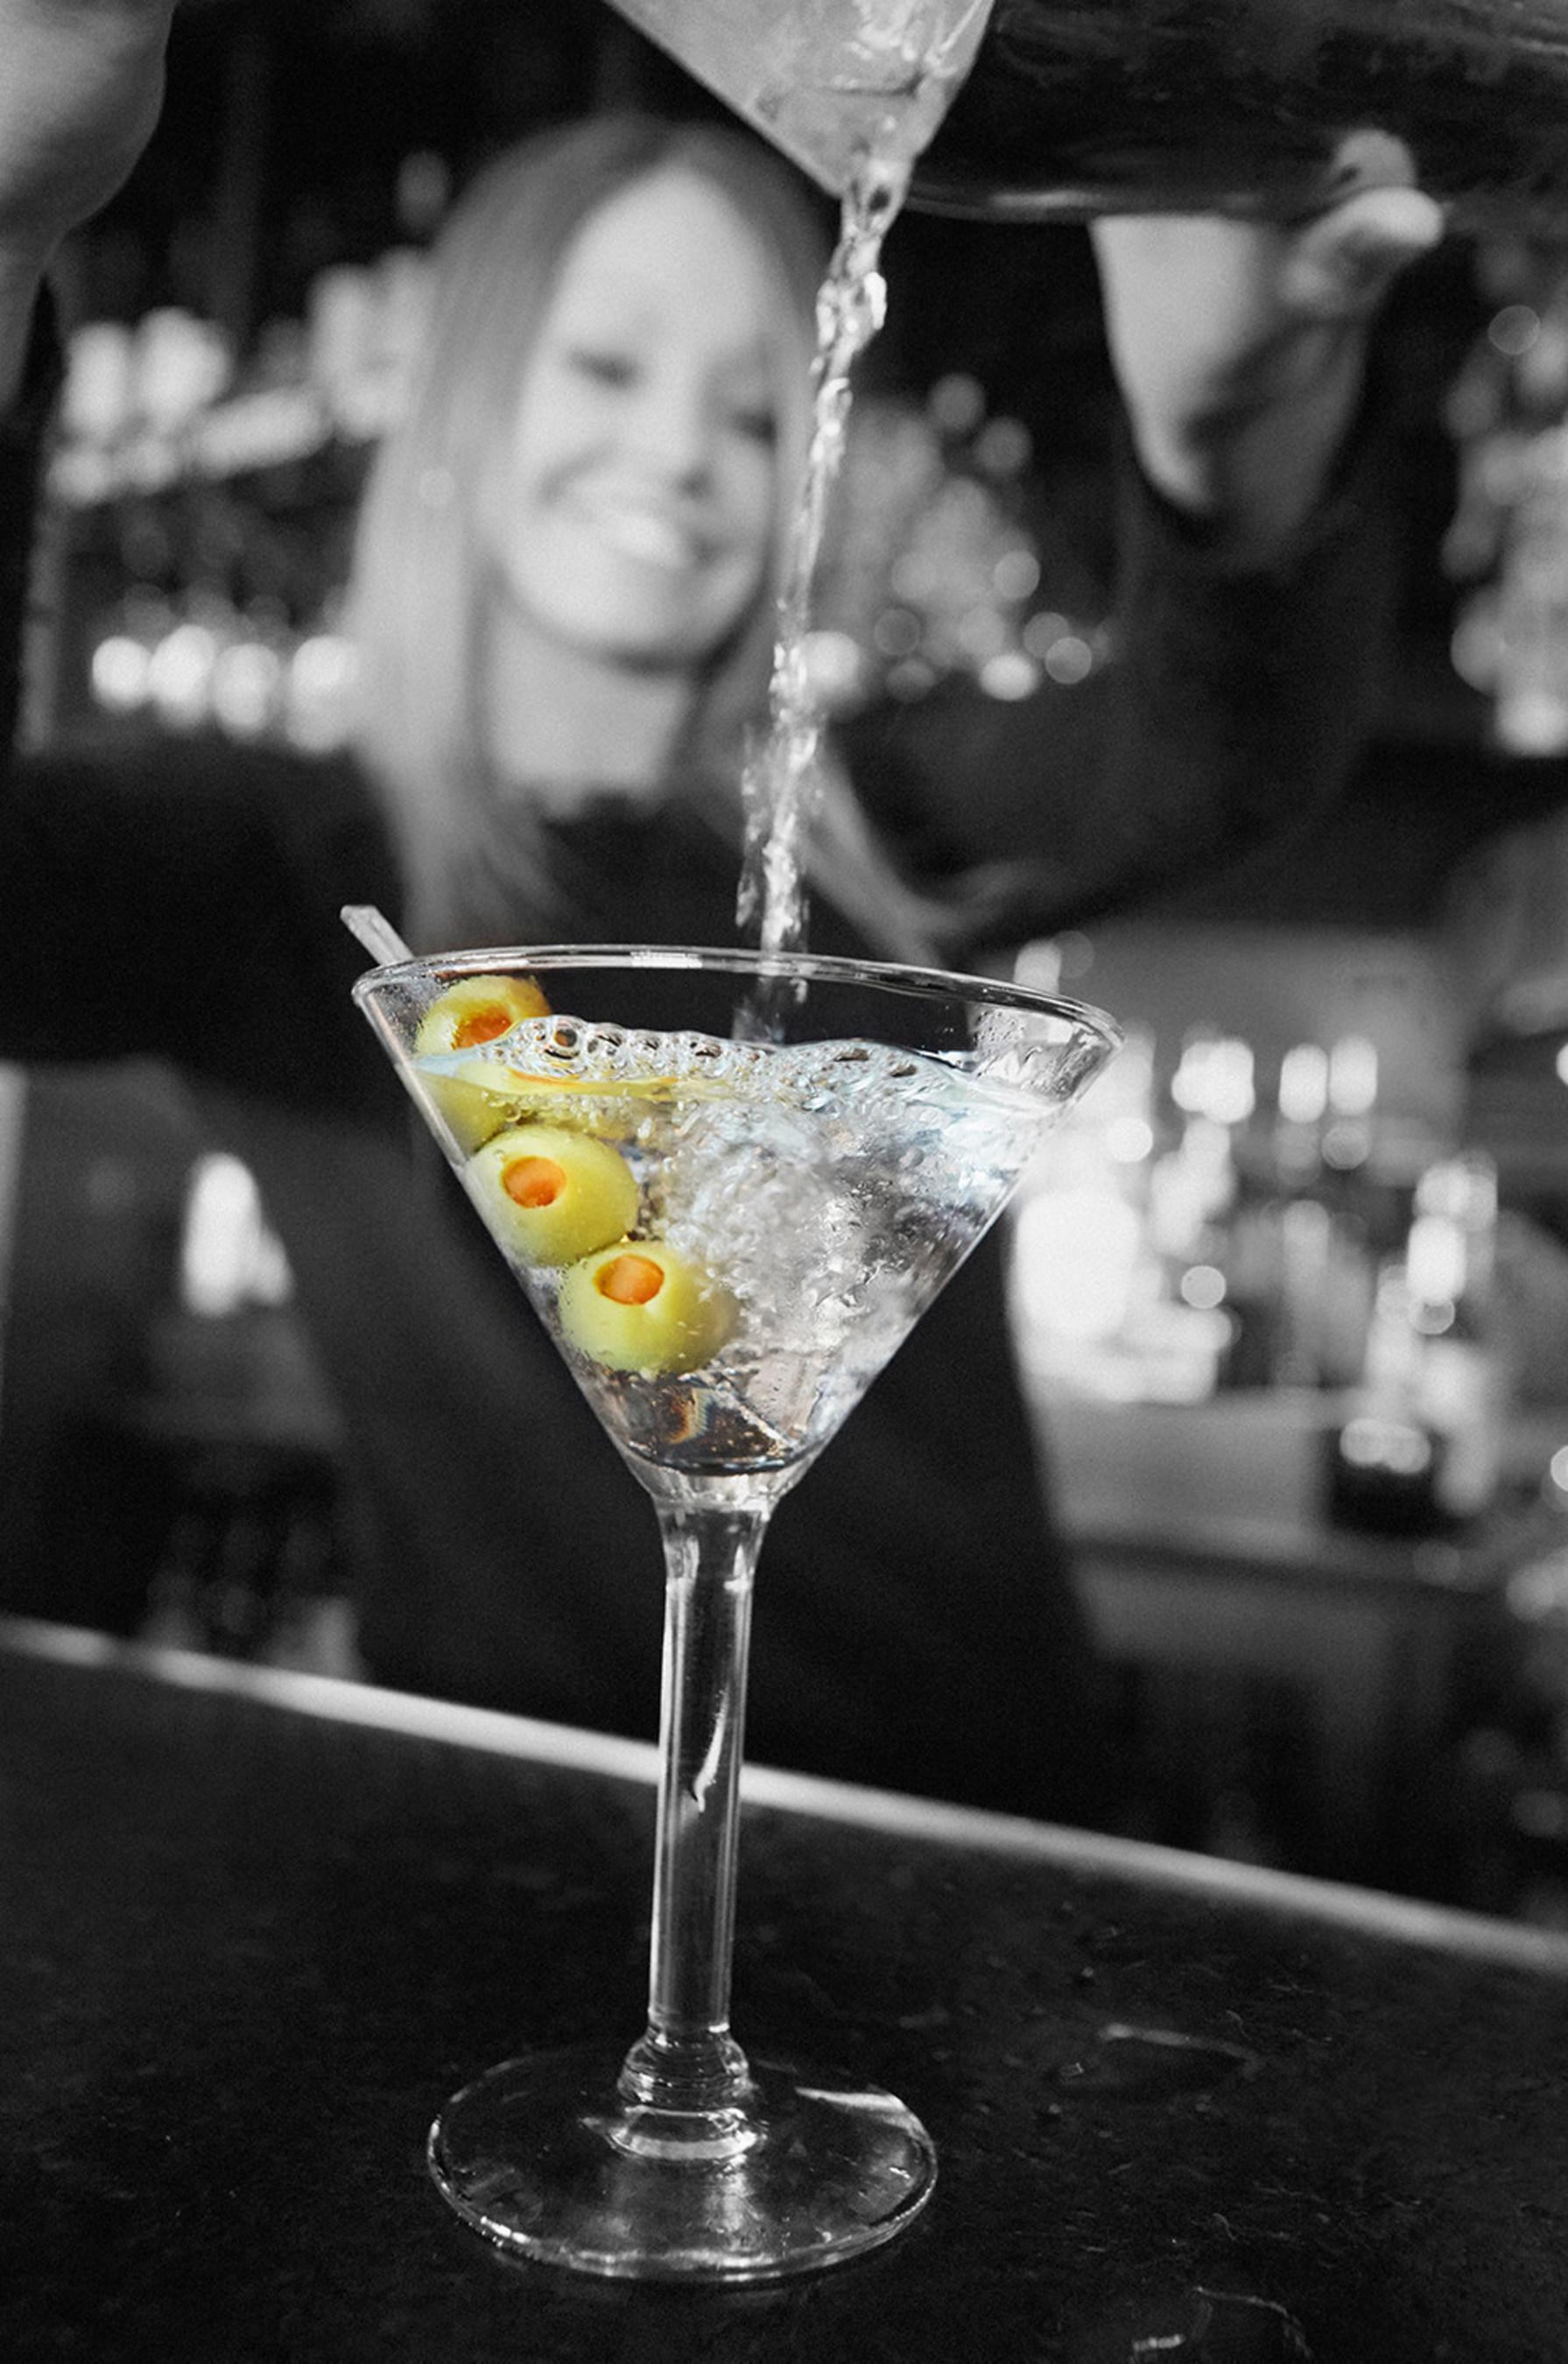 Bar Louie Signature Martini - The Dirty (PRNewsFoto/Bar Louie)